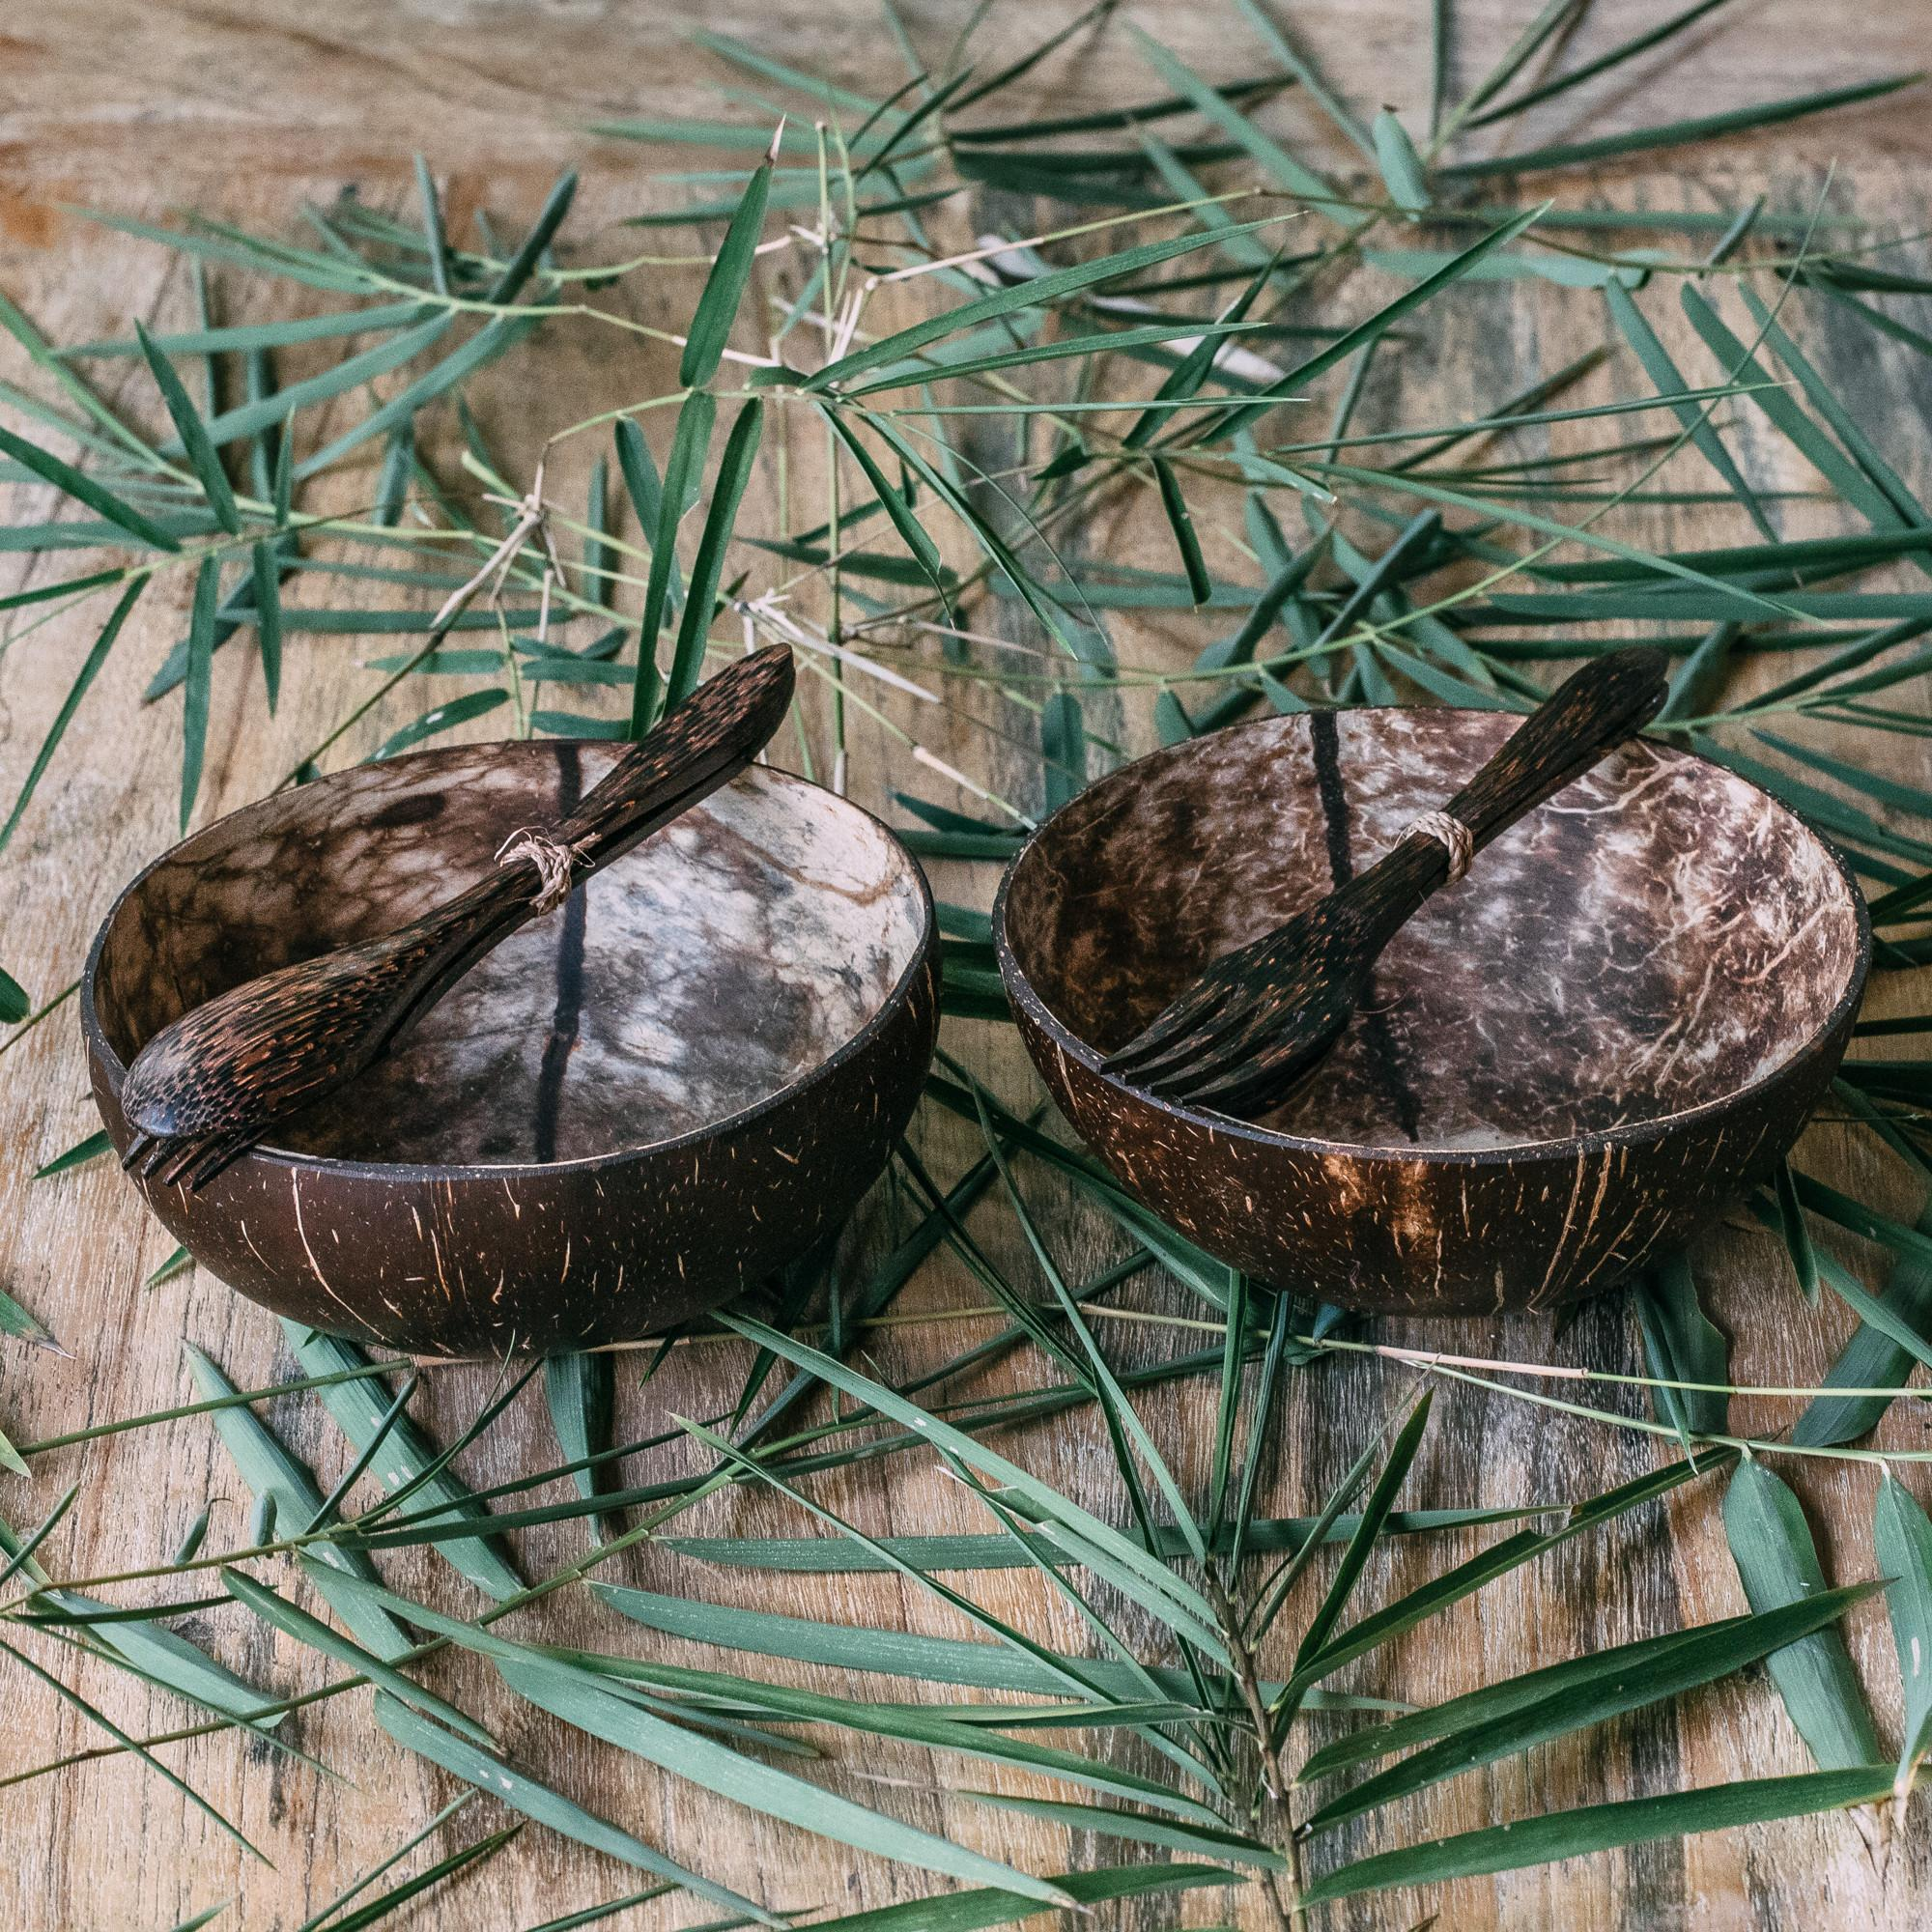 """Zestaw 2 średnich kokosowych misek """"Batukaru"""" z dołączonymi do każdej miseczki drewnianymi sztućcami. Możesz wybrać, czy chcesz otrzymać każdą miseczkę z 2 łyżkami, 2 widelcami lub z jednym widelcem i łyżką. Miski kokosowe to obowiązkowy ekologiczny dodatek do Twojej kuchni. Wykonane są z łupin orzechów kokosowych na codzień wyrzucanych jako odpady. Każda miska jest przycinana, szlifowana i polerowana ręcznie. Miski na żadnym etapie produkcji nie są poddawane obróbce chemicznej, a dzięki temu są w pełni wolne od jakichkolwiek substancji chemicznych. Materiał: łupina orzecha kokosowego Rozmiar: średnia Pojemność: około 500-600 ml Kolor: naturalny, nieprzetworzony Wymiary: średnica 12-13 cm, wysokość 7-8 cm Kraj pochodzenia: Indonezja (Bali) Cechy szczególne: 100% wegańskie wykonane ręcznie i unikalne piękny kształt zero waste przyjazne dla środowiska biodegradowalne odnawialny produkt naturalny lekka konstrukcja idealny prezent dla każdego, kto ceni sobie zrównoważony rozwój i lubi natu"""